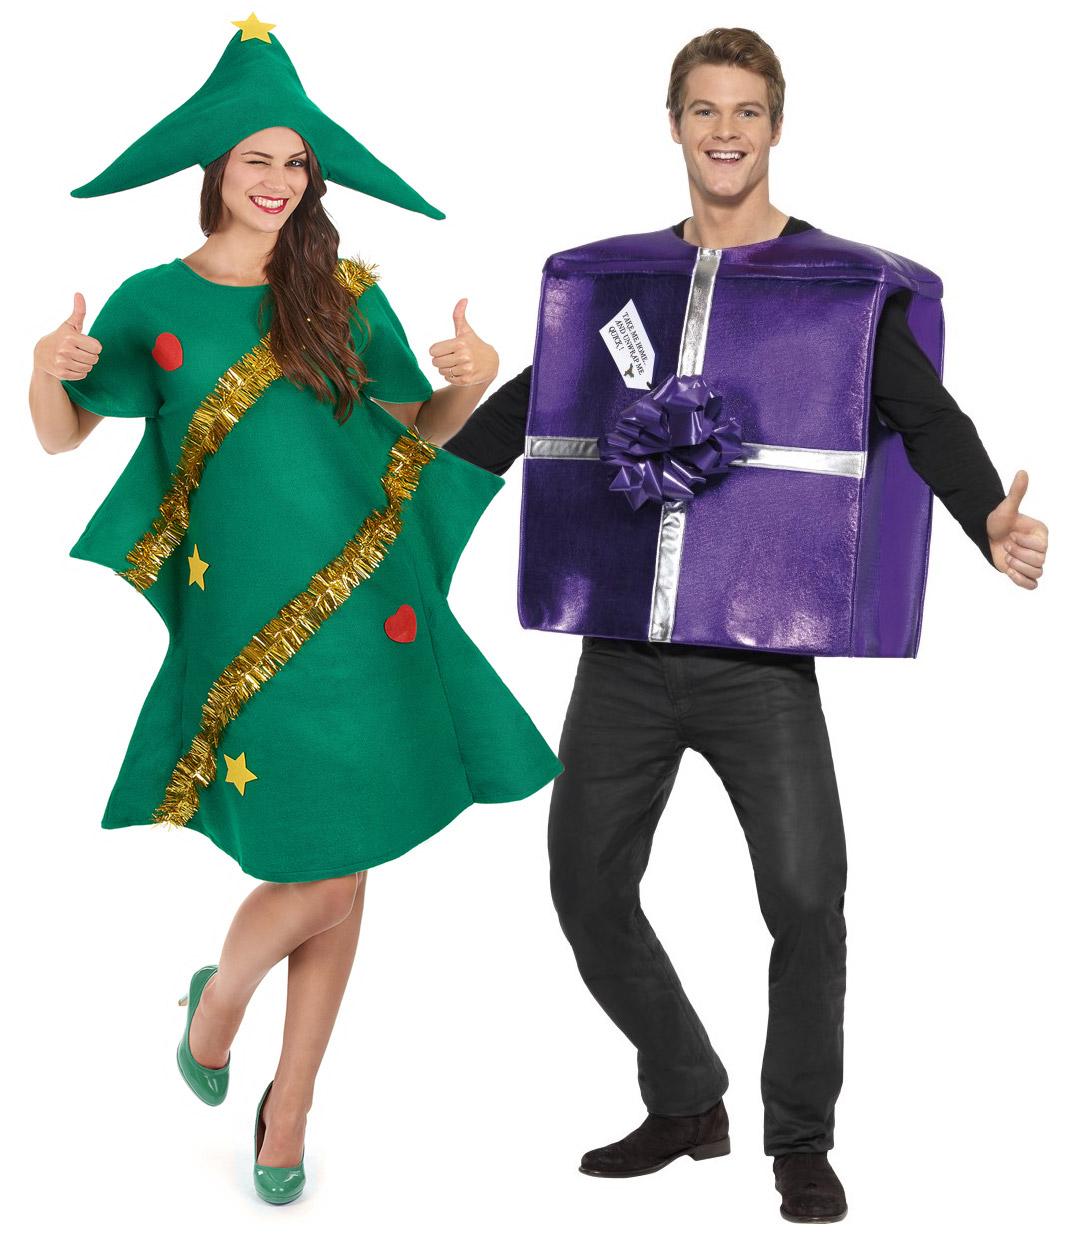 Disfraz pareja rbol de navidad regalo violeta navidad - Disfraces de navidad originales ...